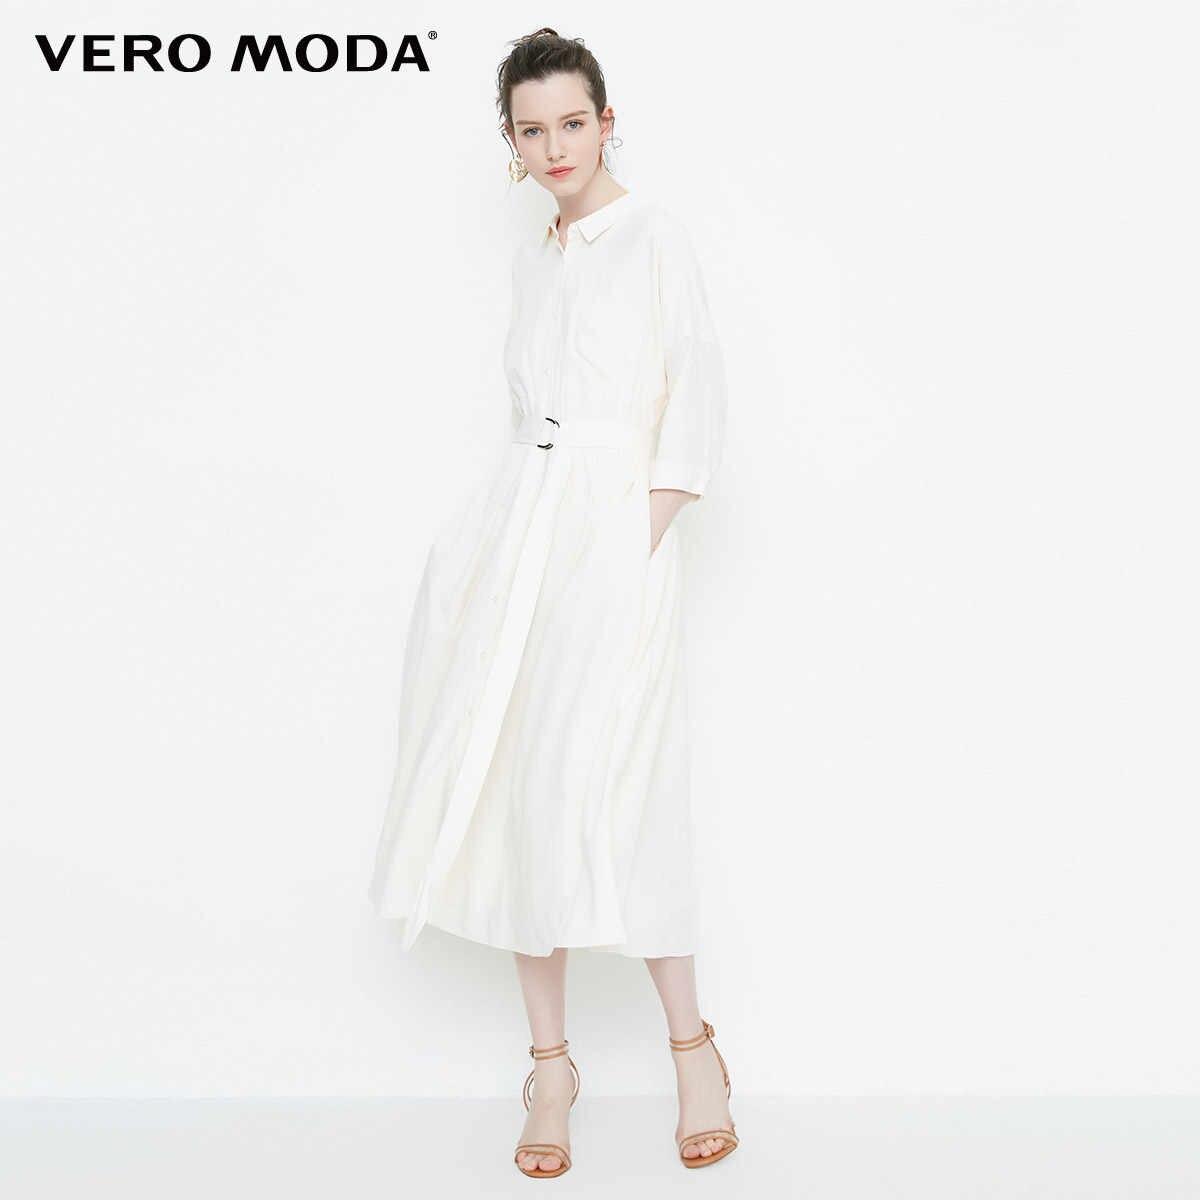 Vero Moda 2019 однобортное переднее Двухстороннее платье налокотники | 31826W526